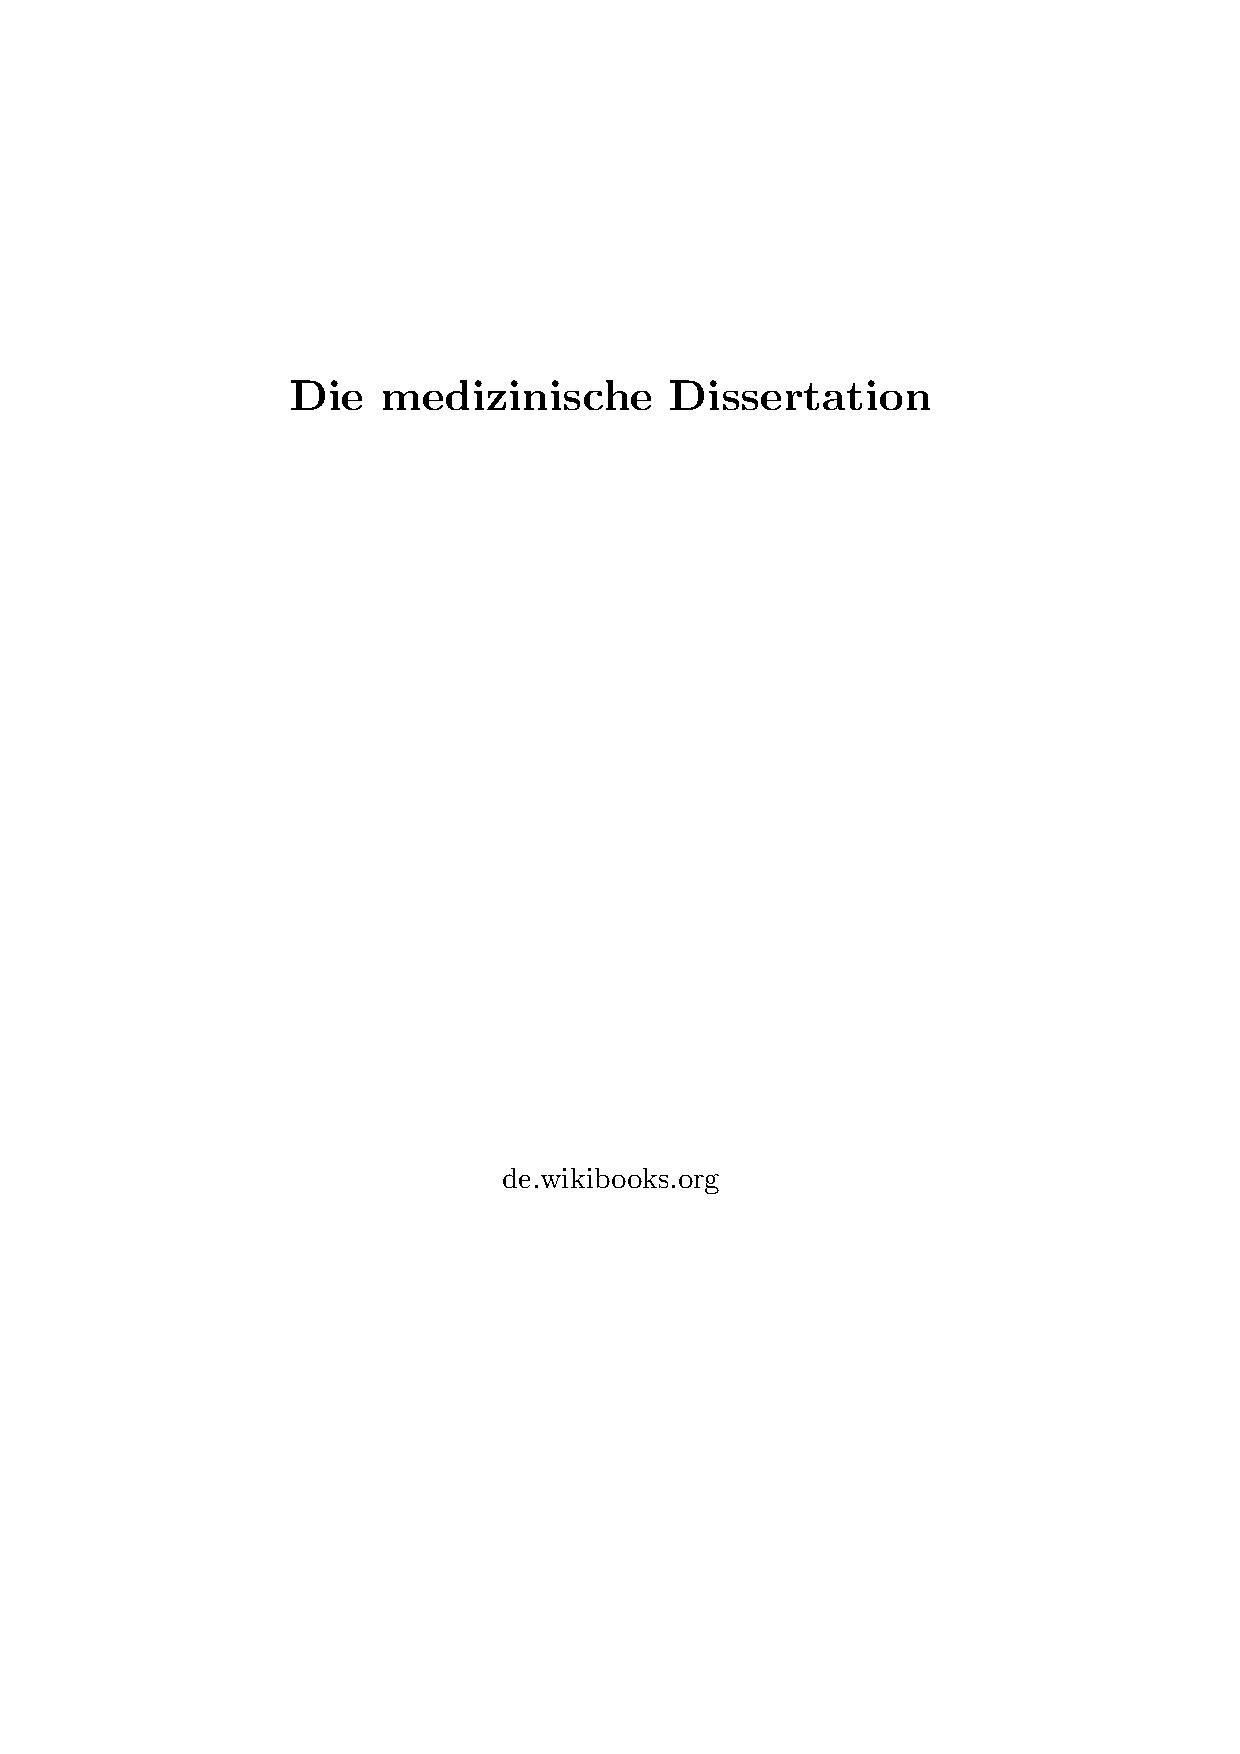 Wikibookspdf Katalog Wikibooks Sammlung Freier Lehr Sach Und